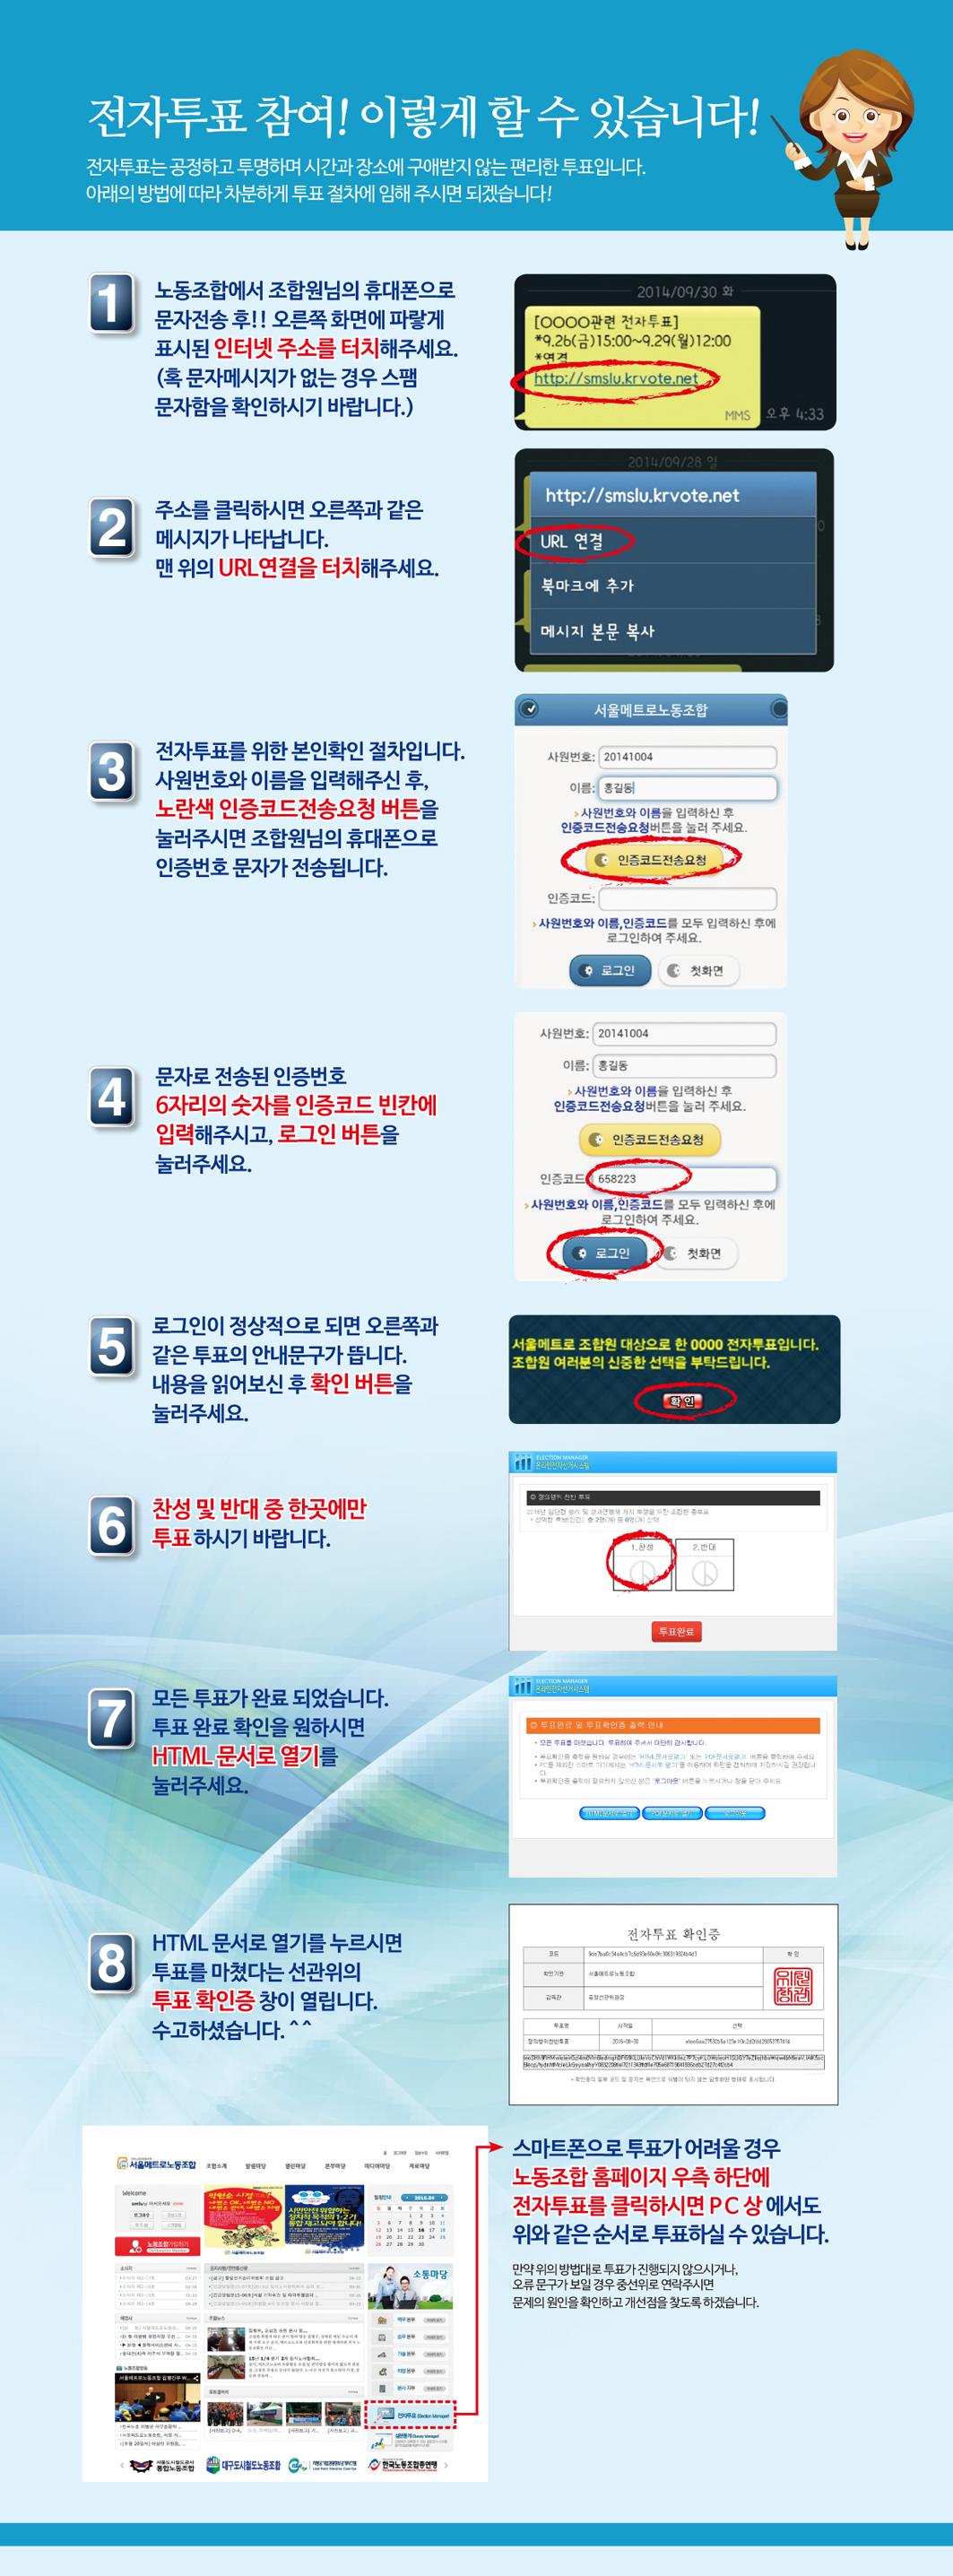 전자투표안내웹용-1.jpg